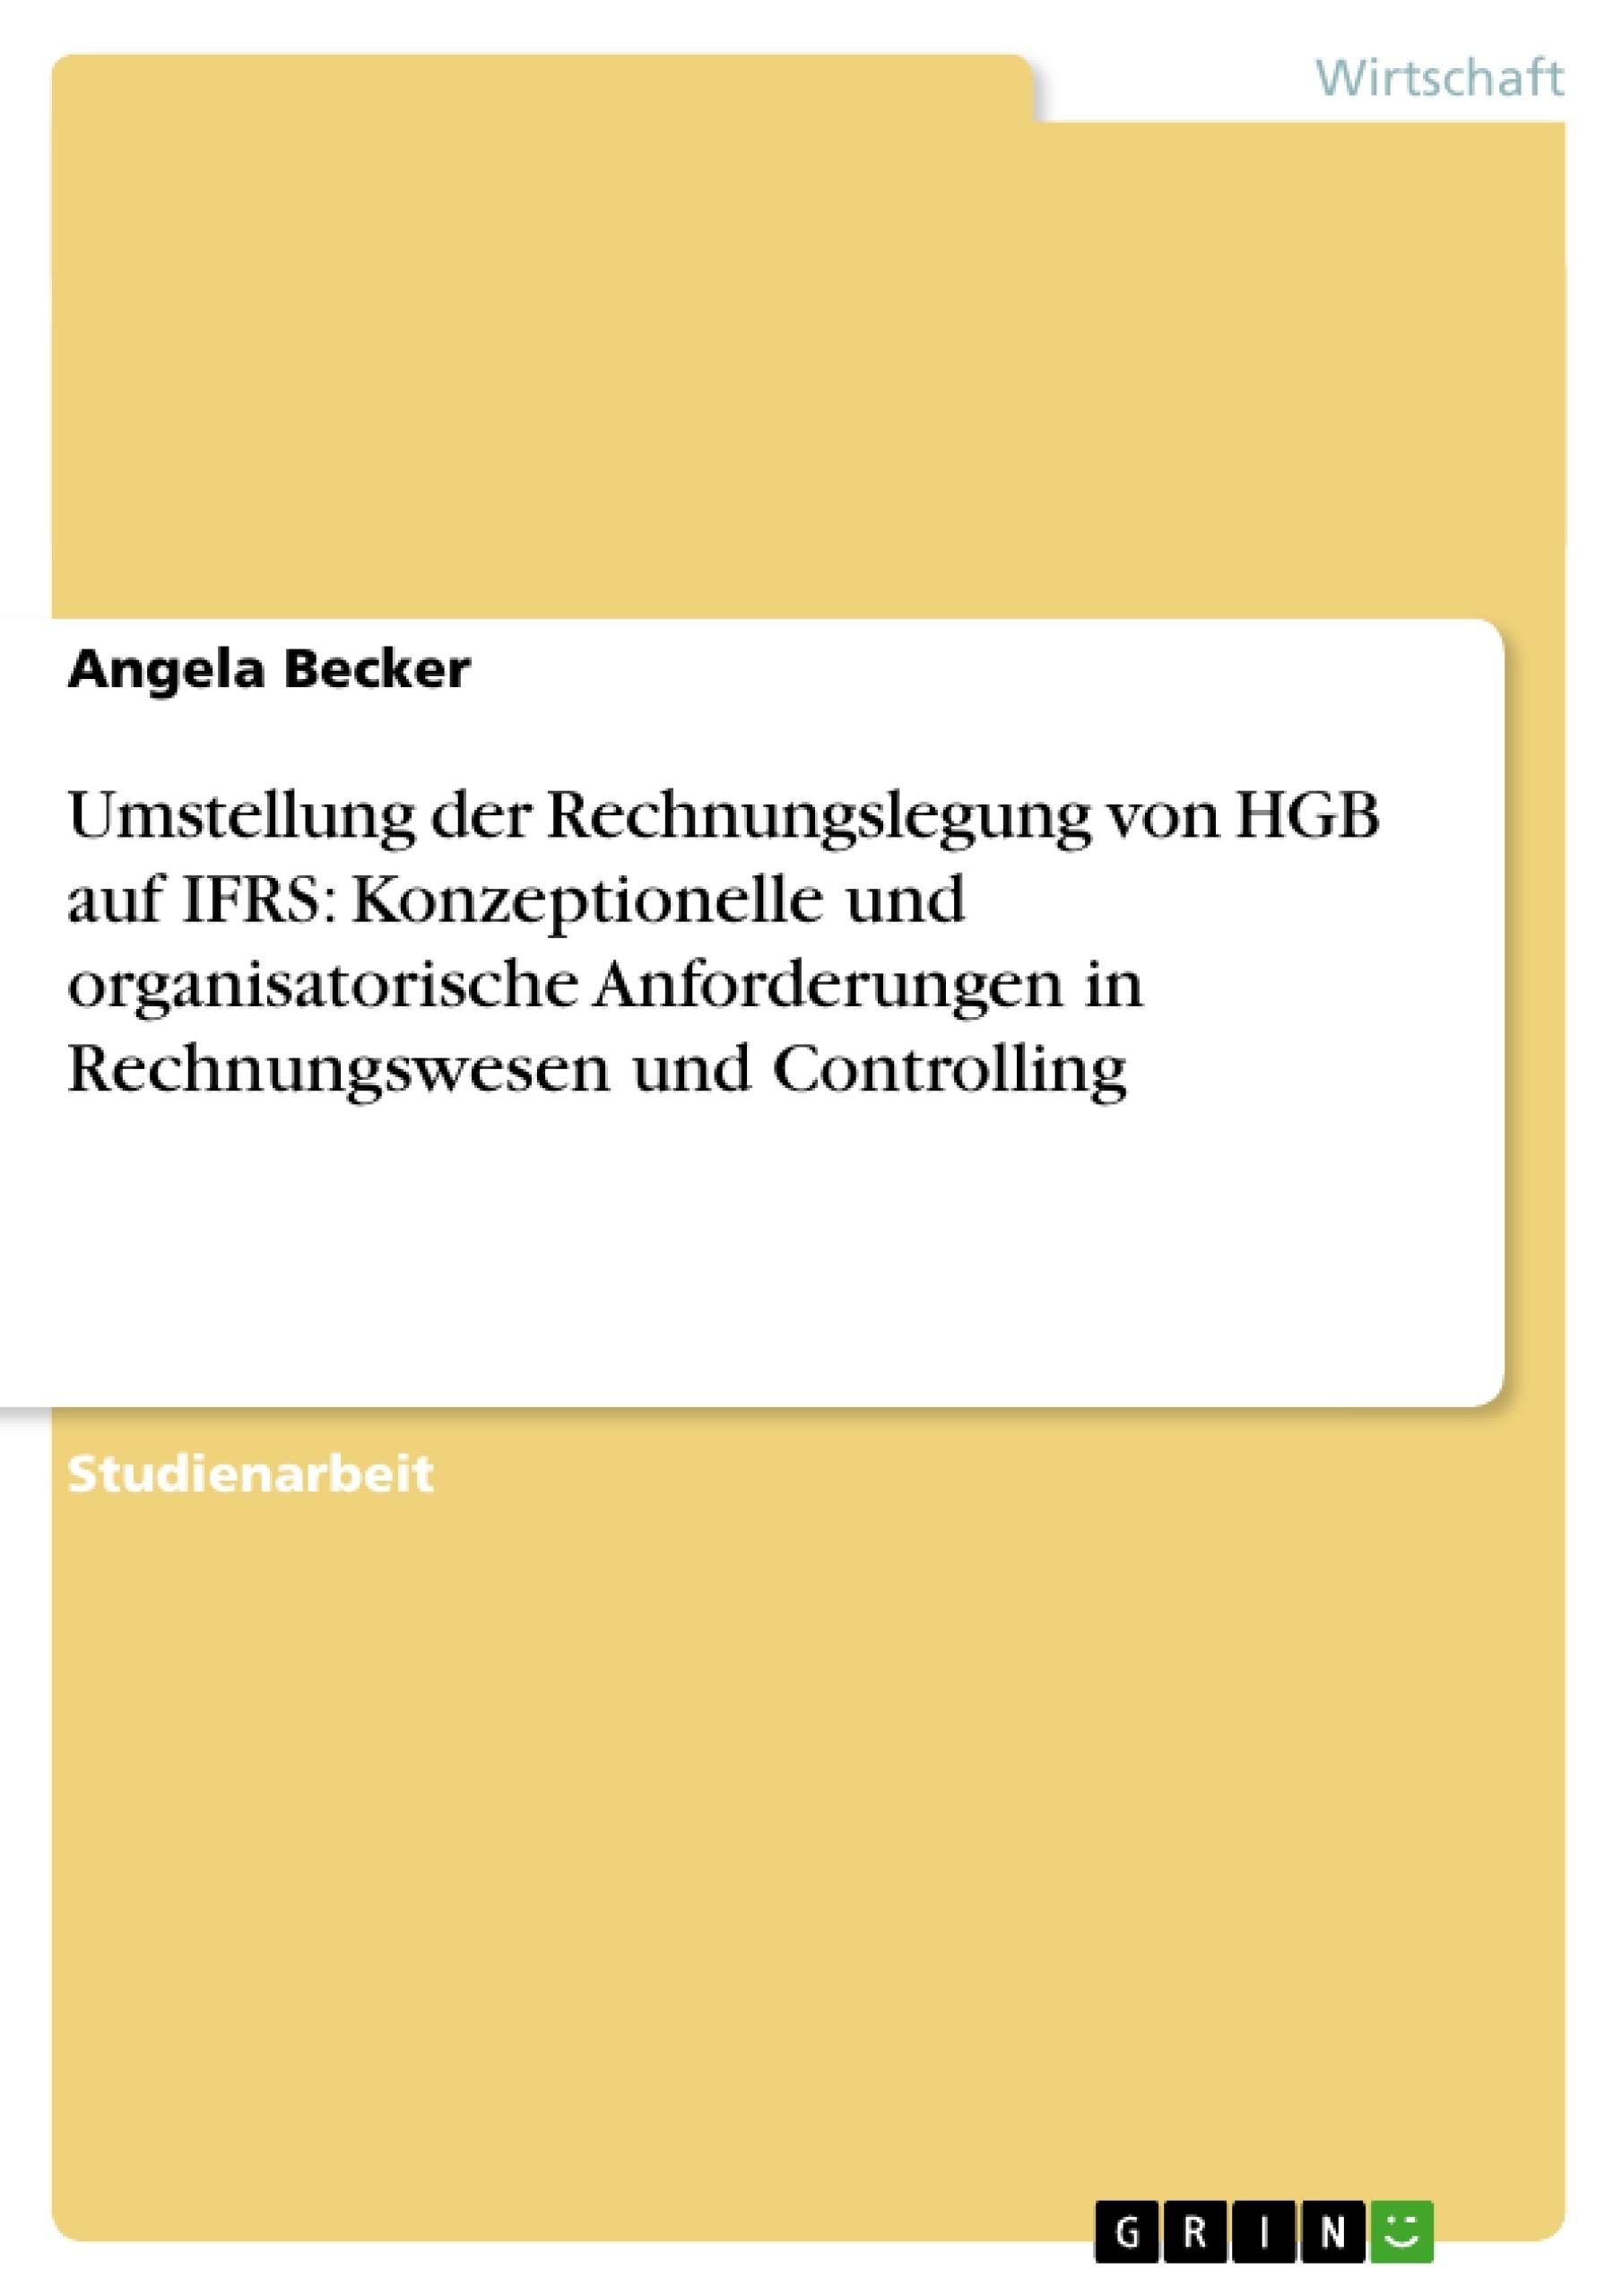 Titel: Umstellung der Rechnungslegung von HGB auf IFRS: Konzeptionelle und organisatorische Anforderungen in Rechnungswesen und Controlling